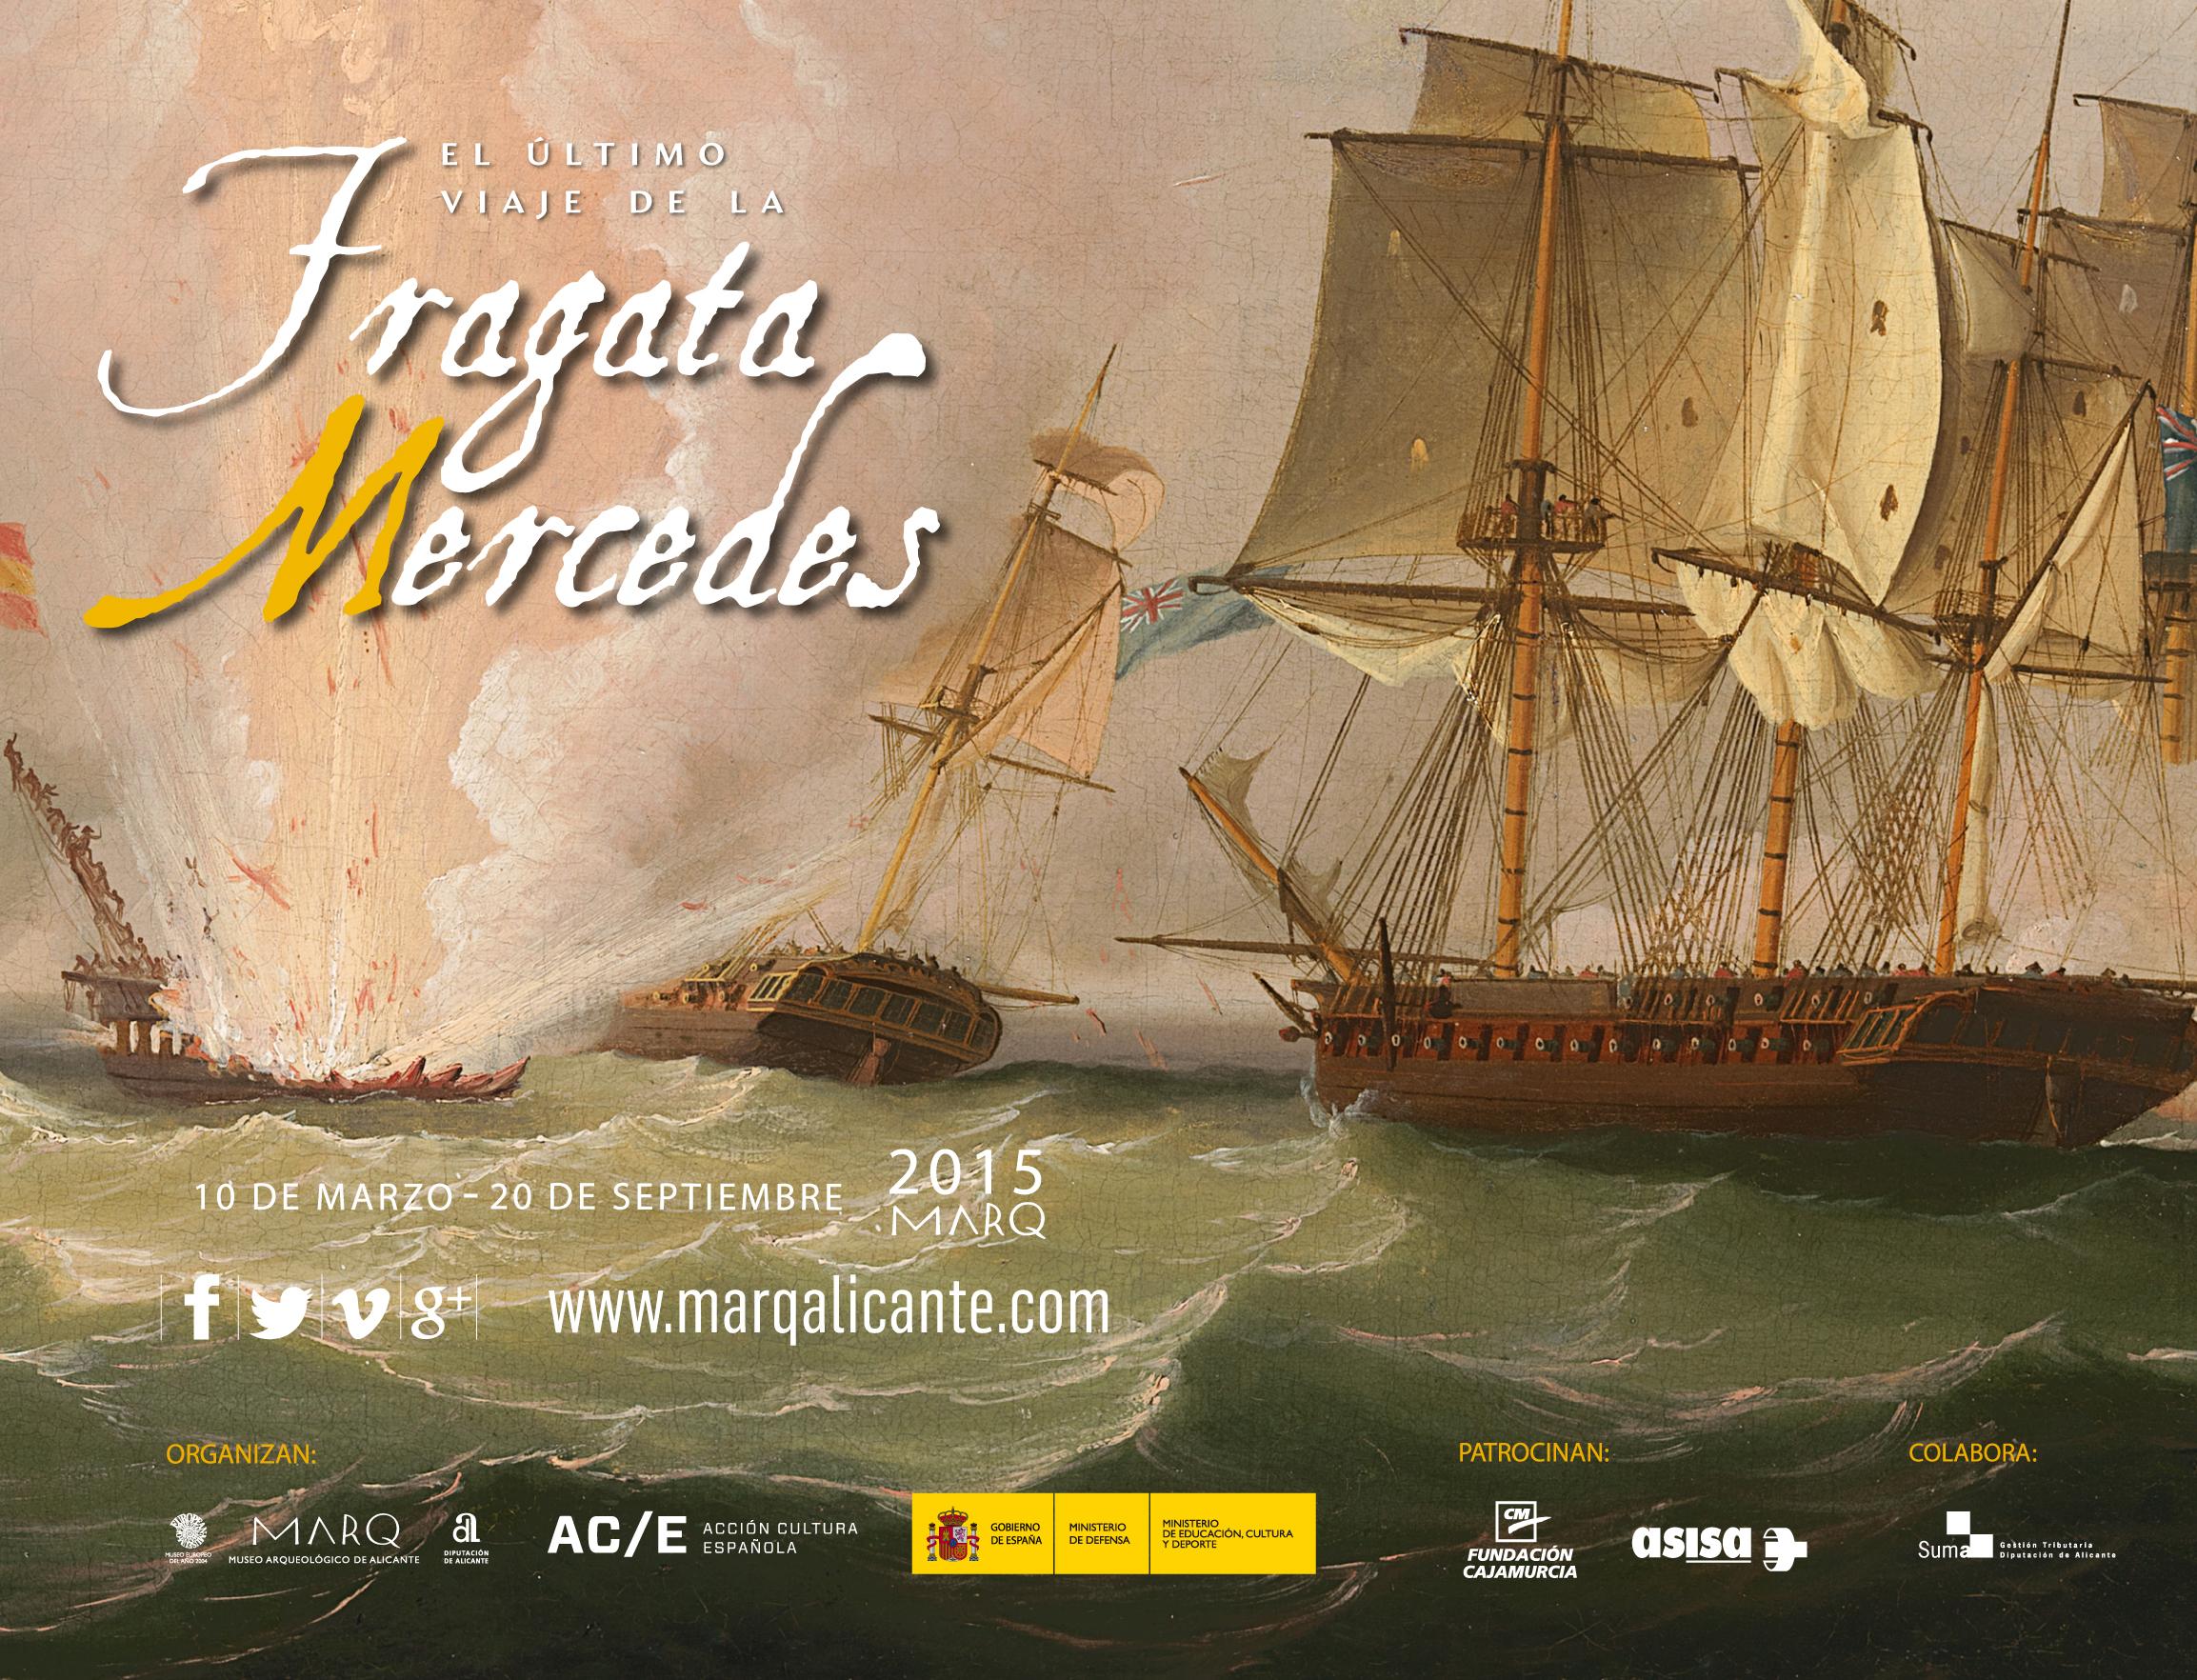 El próximo 26 de noviembre se presenta la exposición 'El último viaje de la Fragata Mercedes'